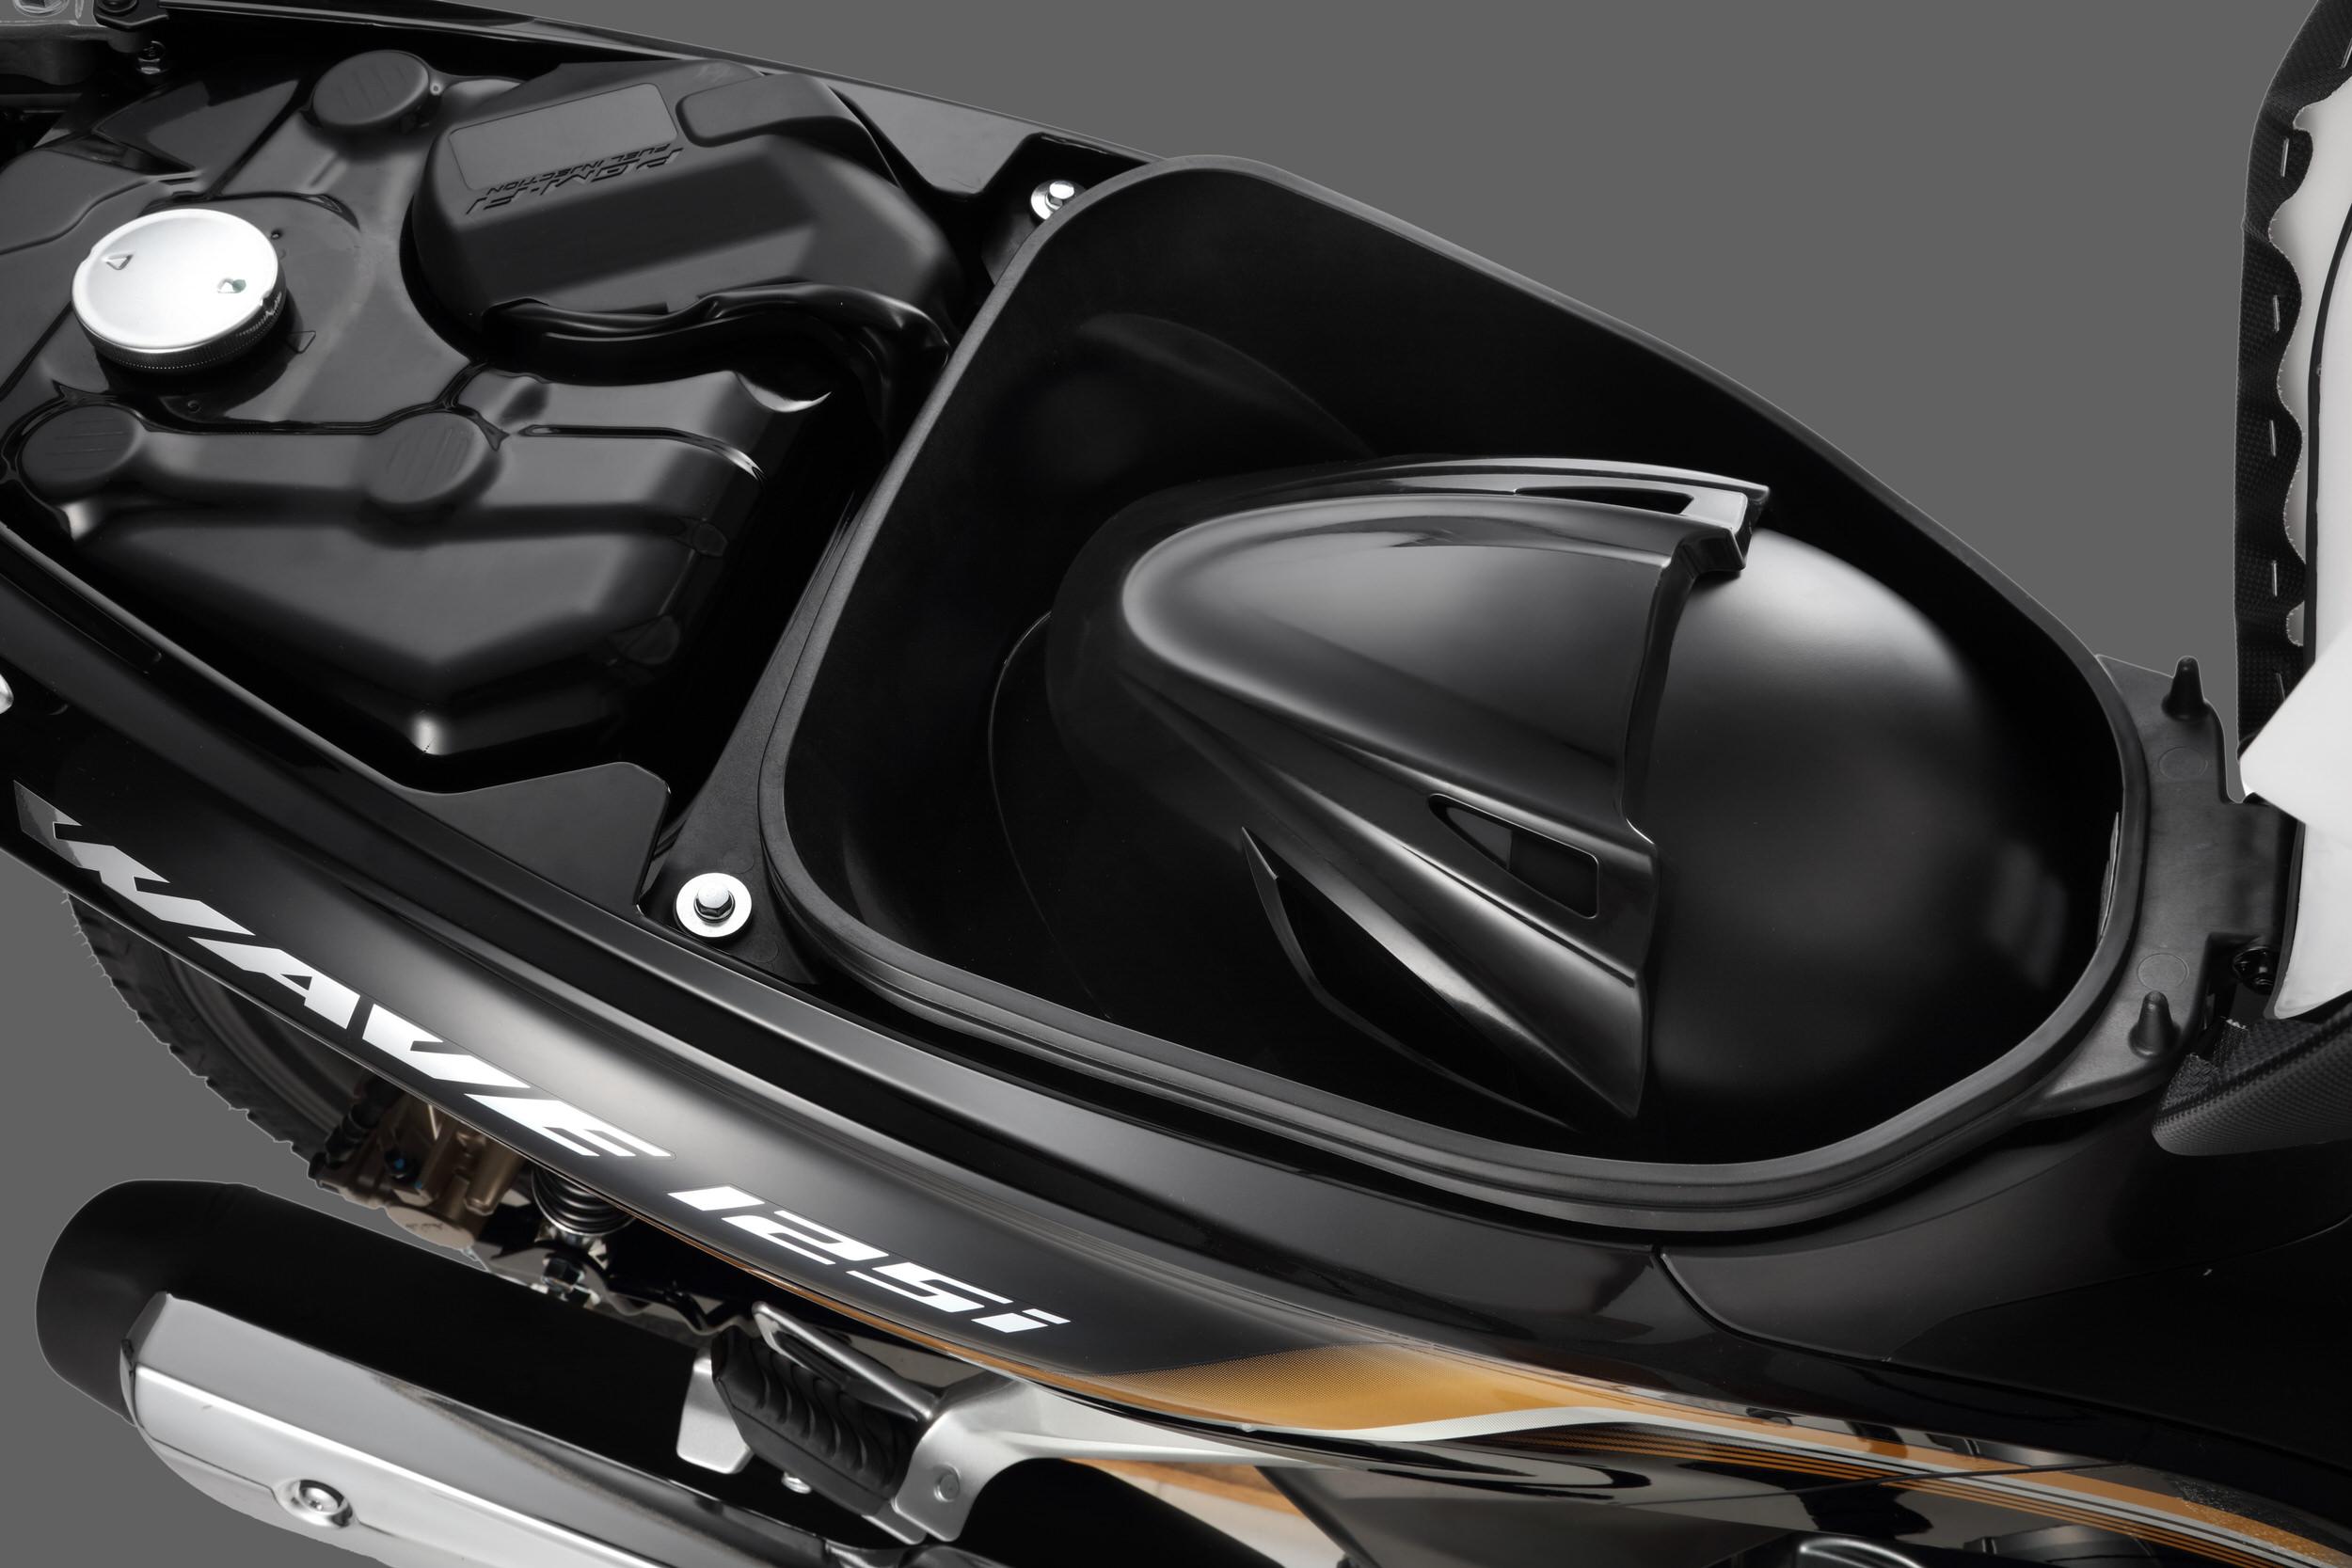 Honda Wave 125i 2021